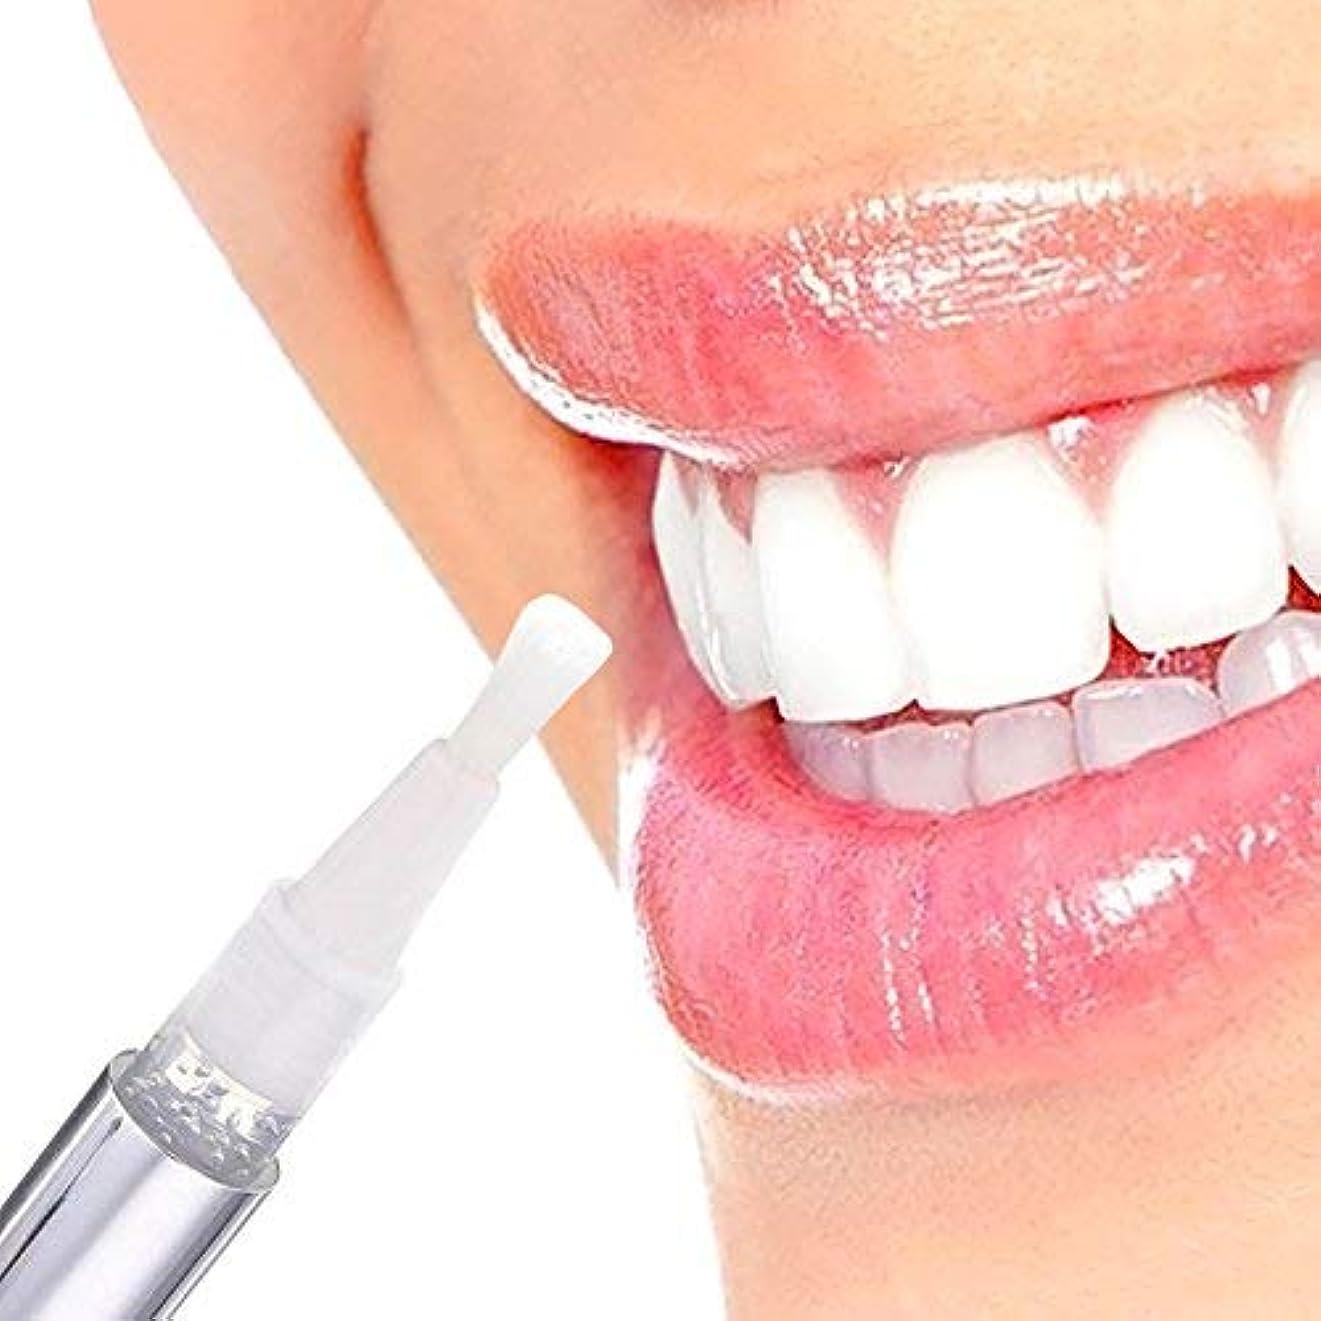 養う好意箱Nat 1PCS Hot Creative Effective Teeth Whitening Pen Tooth Gel Whitener Bleach Stain Eraser Sexy Celebrity Smile...